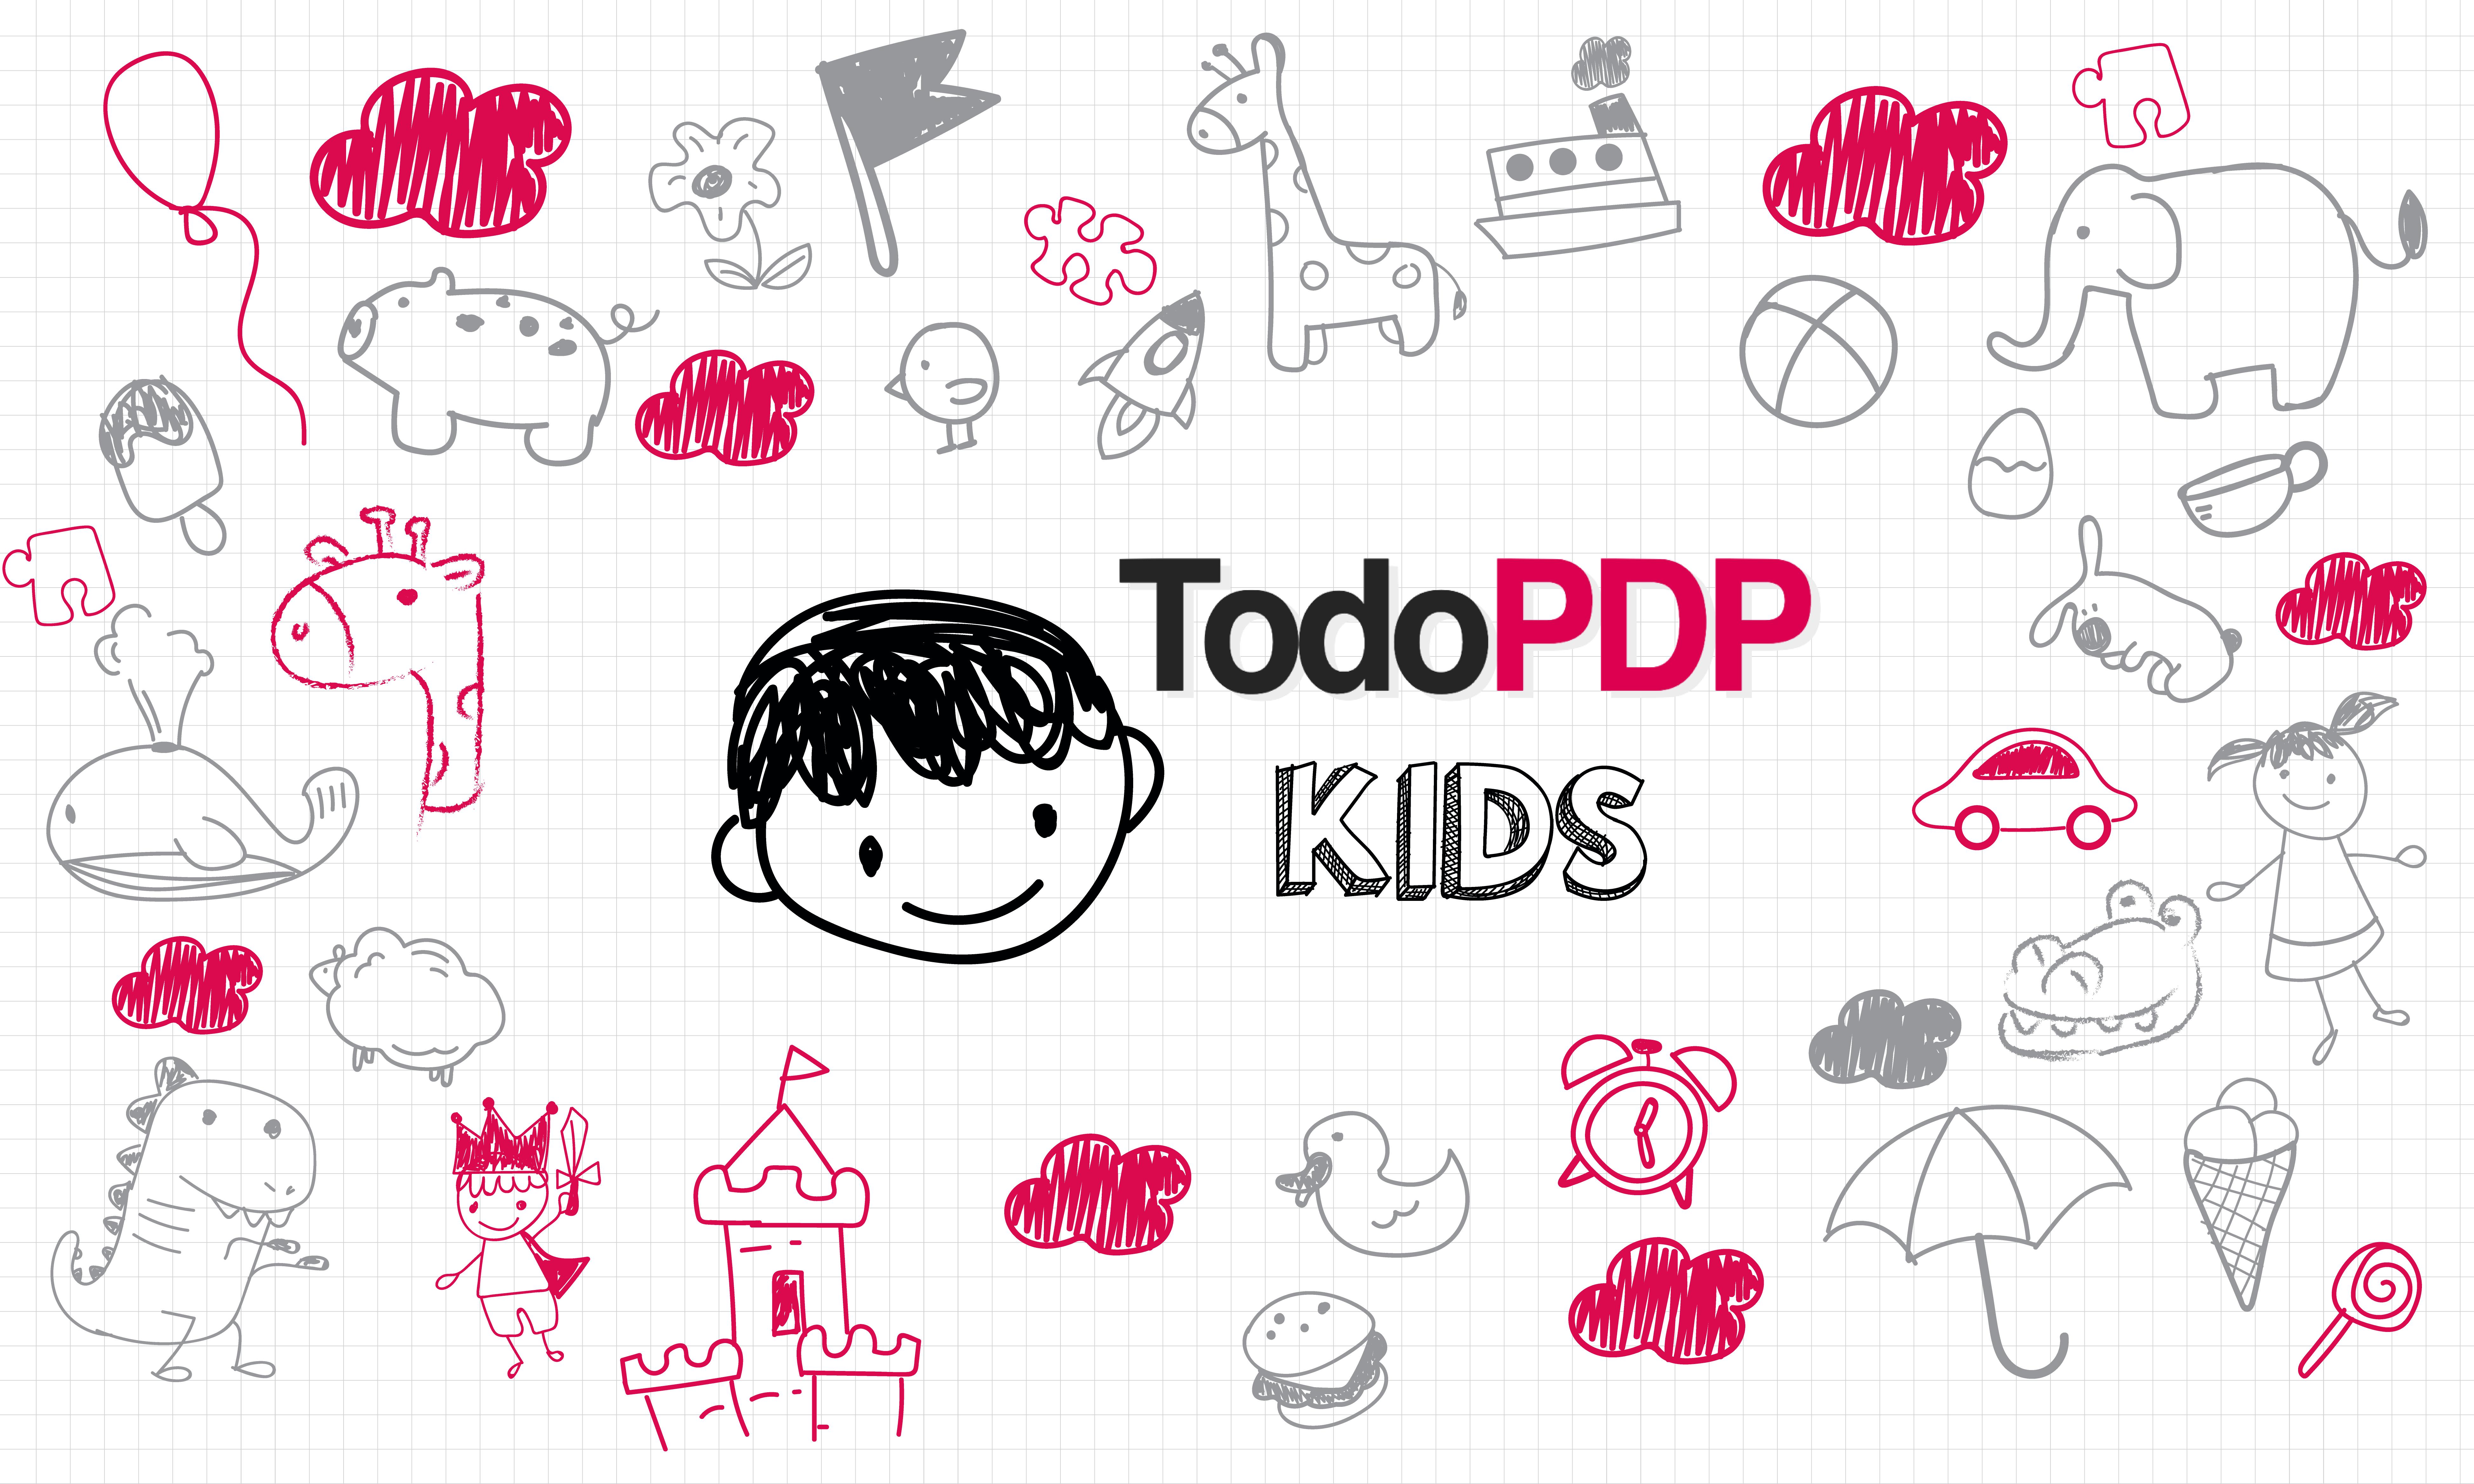 TodoPDP Kids un espacio para los niños